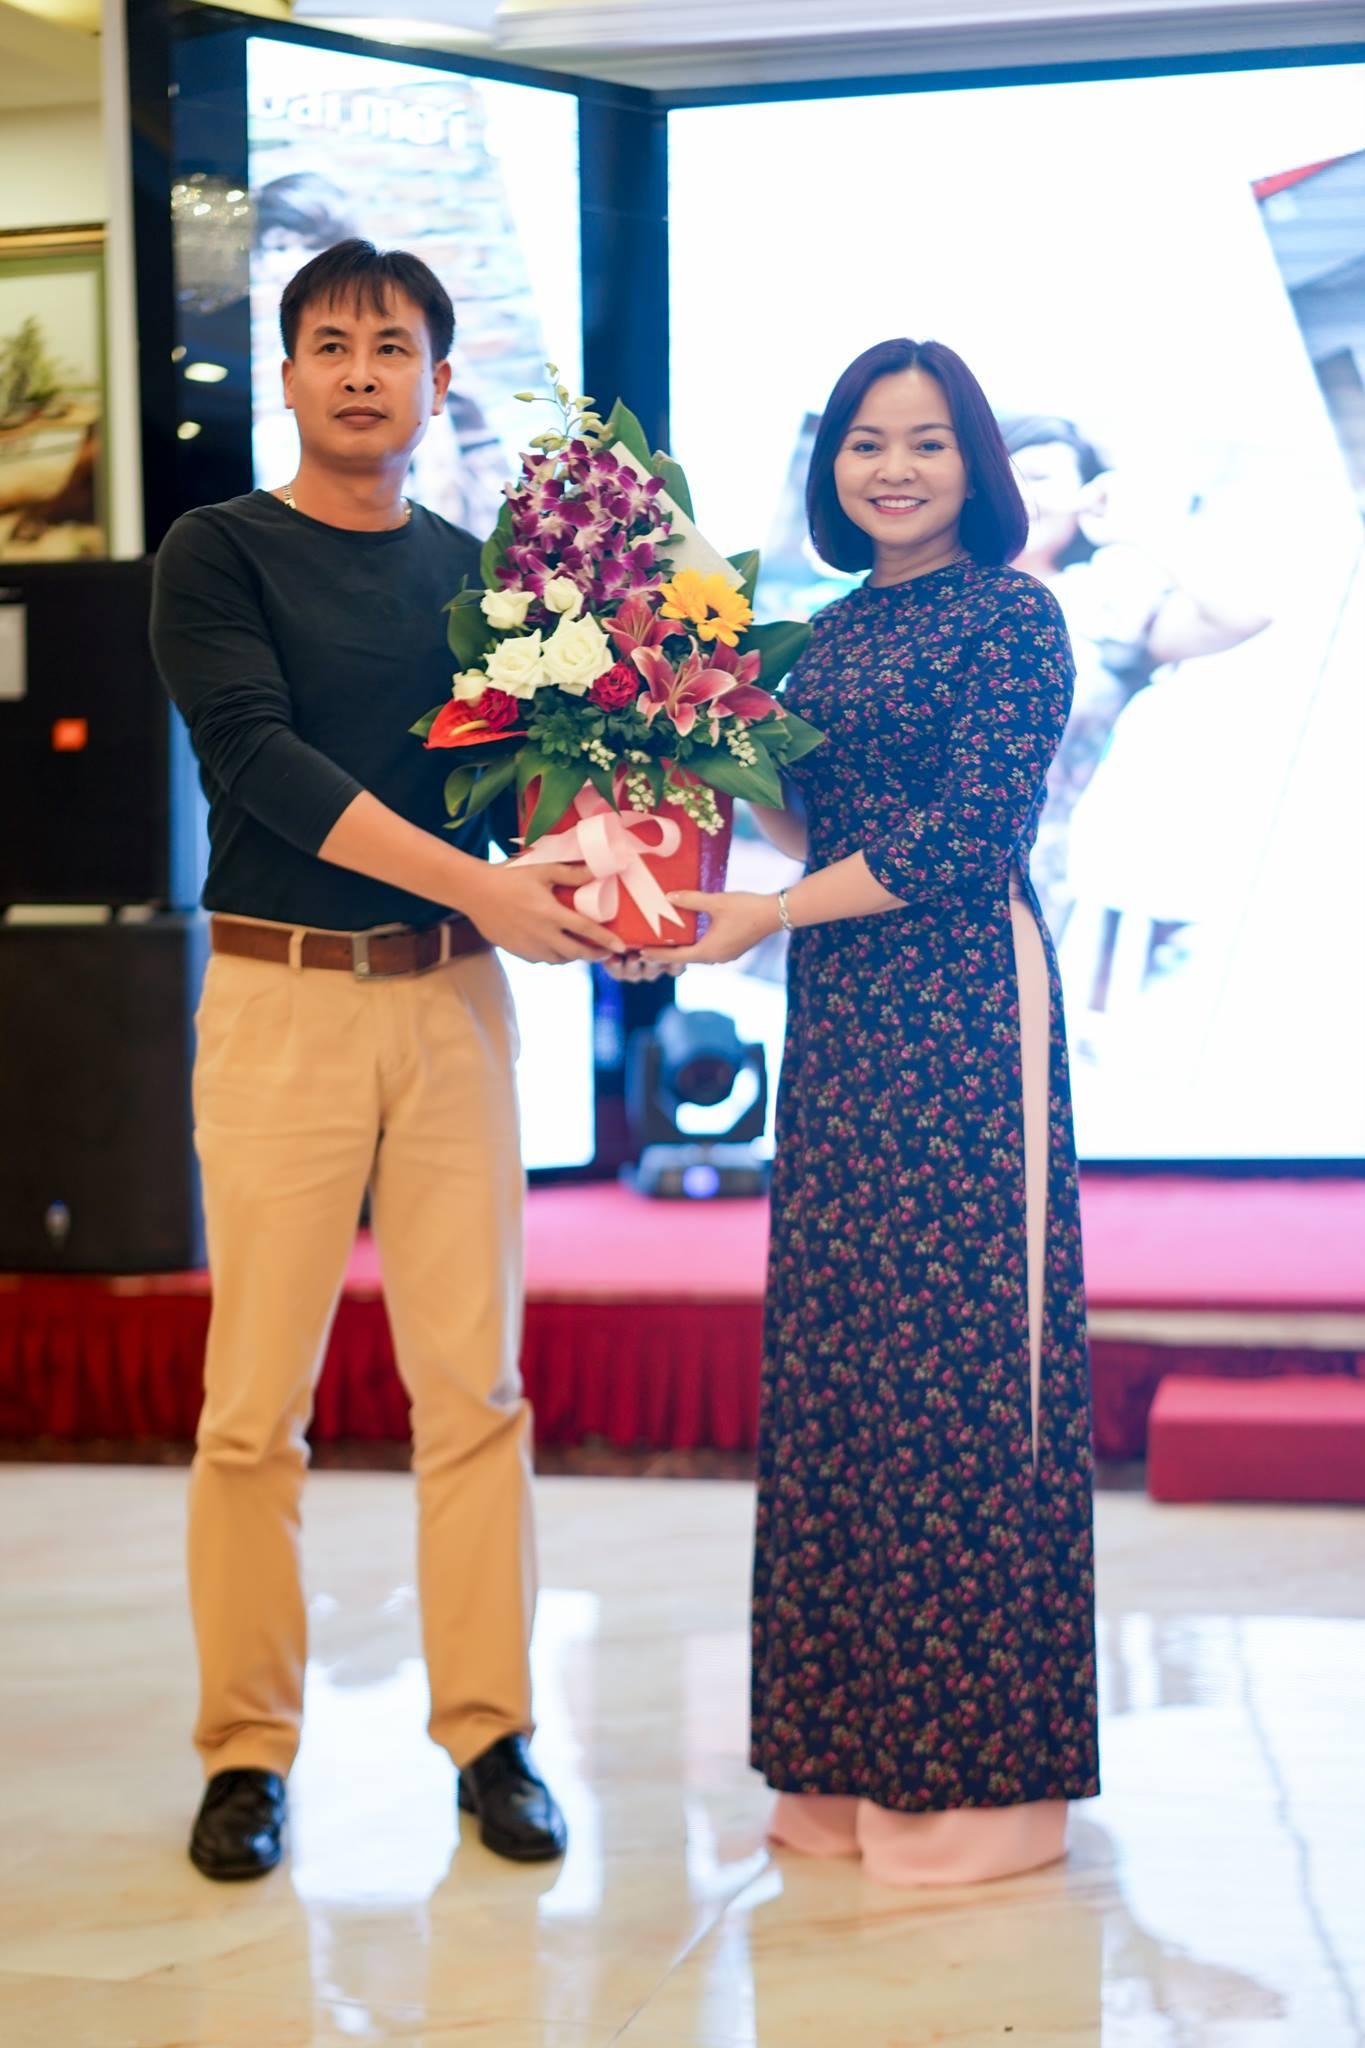 Anh Nguyễn Quang Tùng- Chính trị viên, đại diện đơn vị kết nghĩa 127 tặng hoa chúc mừng